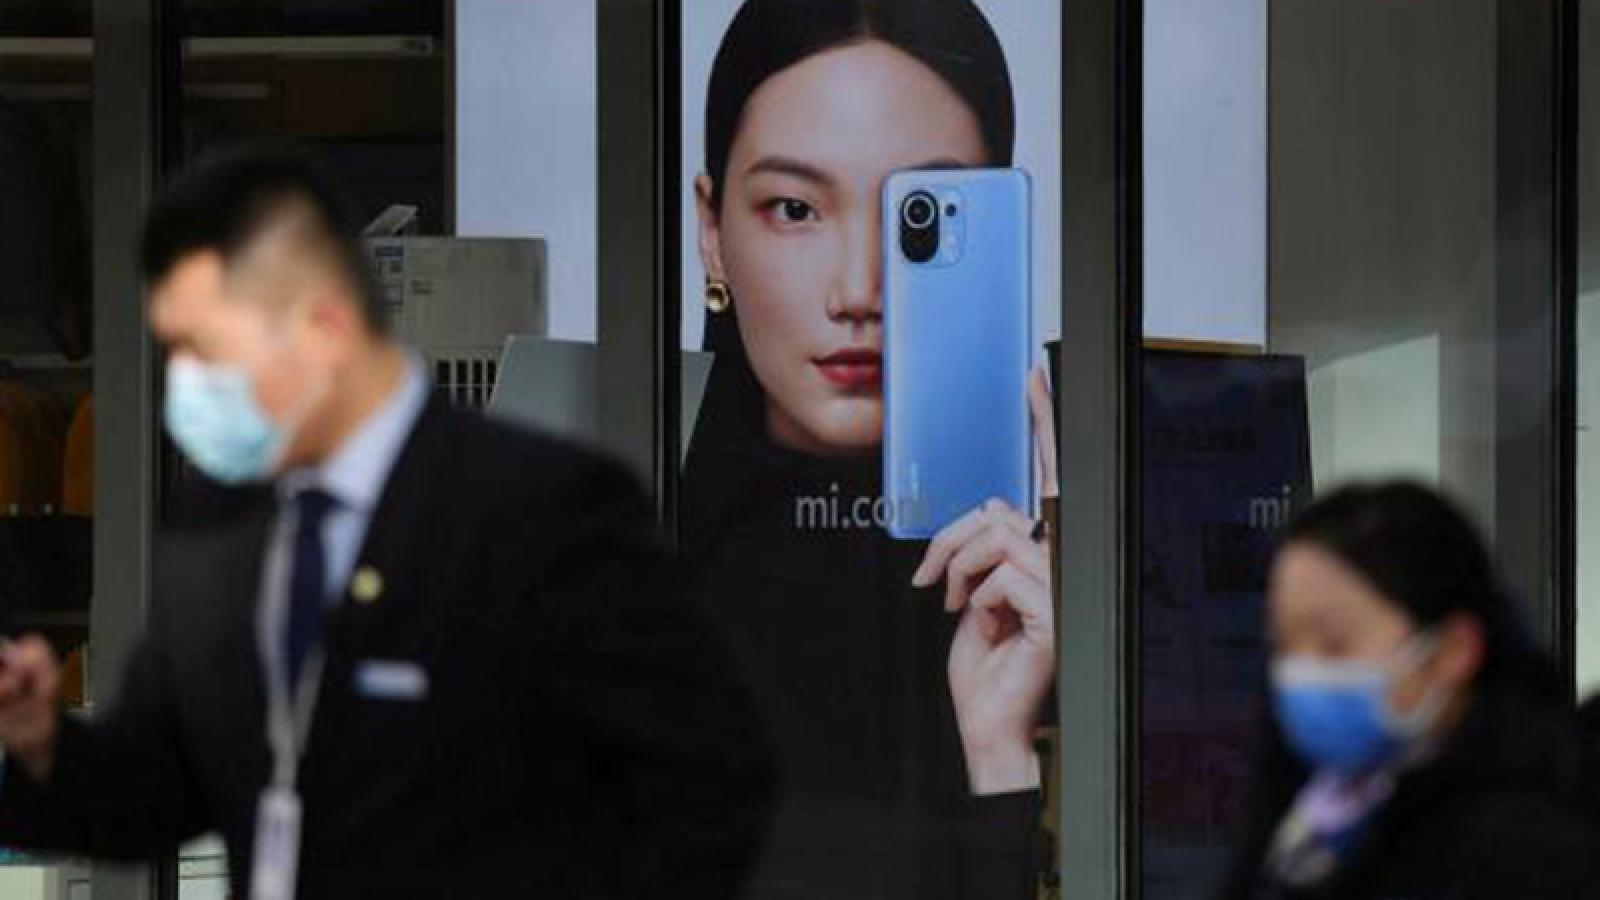 Lệnh cấm Xiaomi tạm thời được dỡ bỏ, giới đầu tư Mỹ thở phào